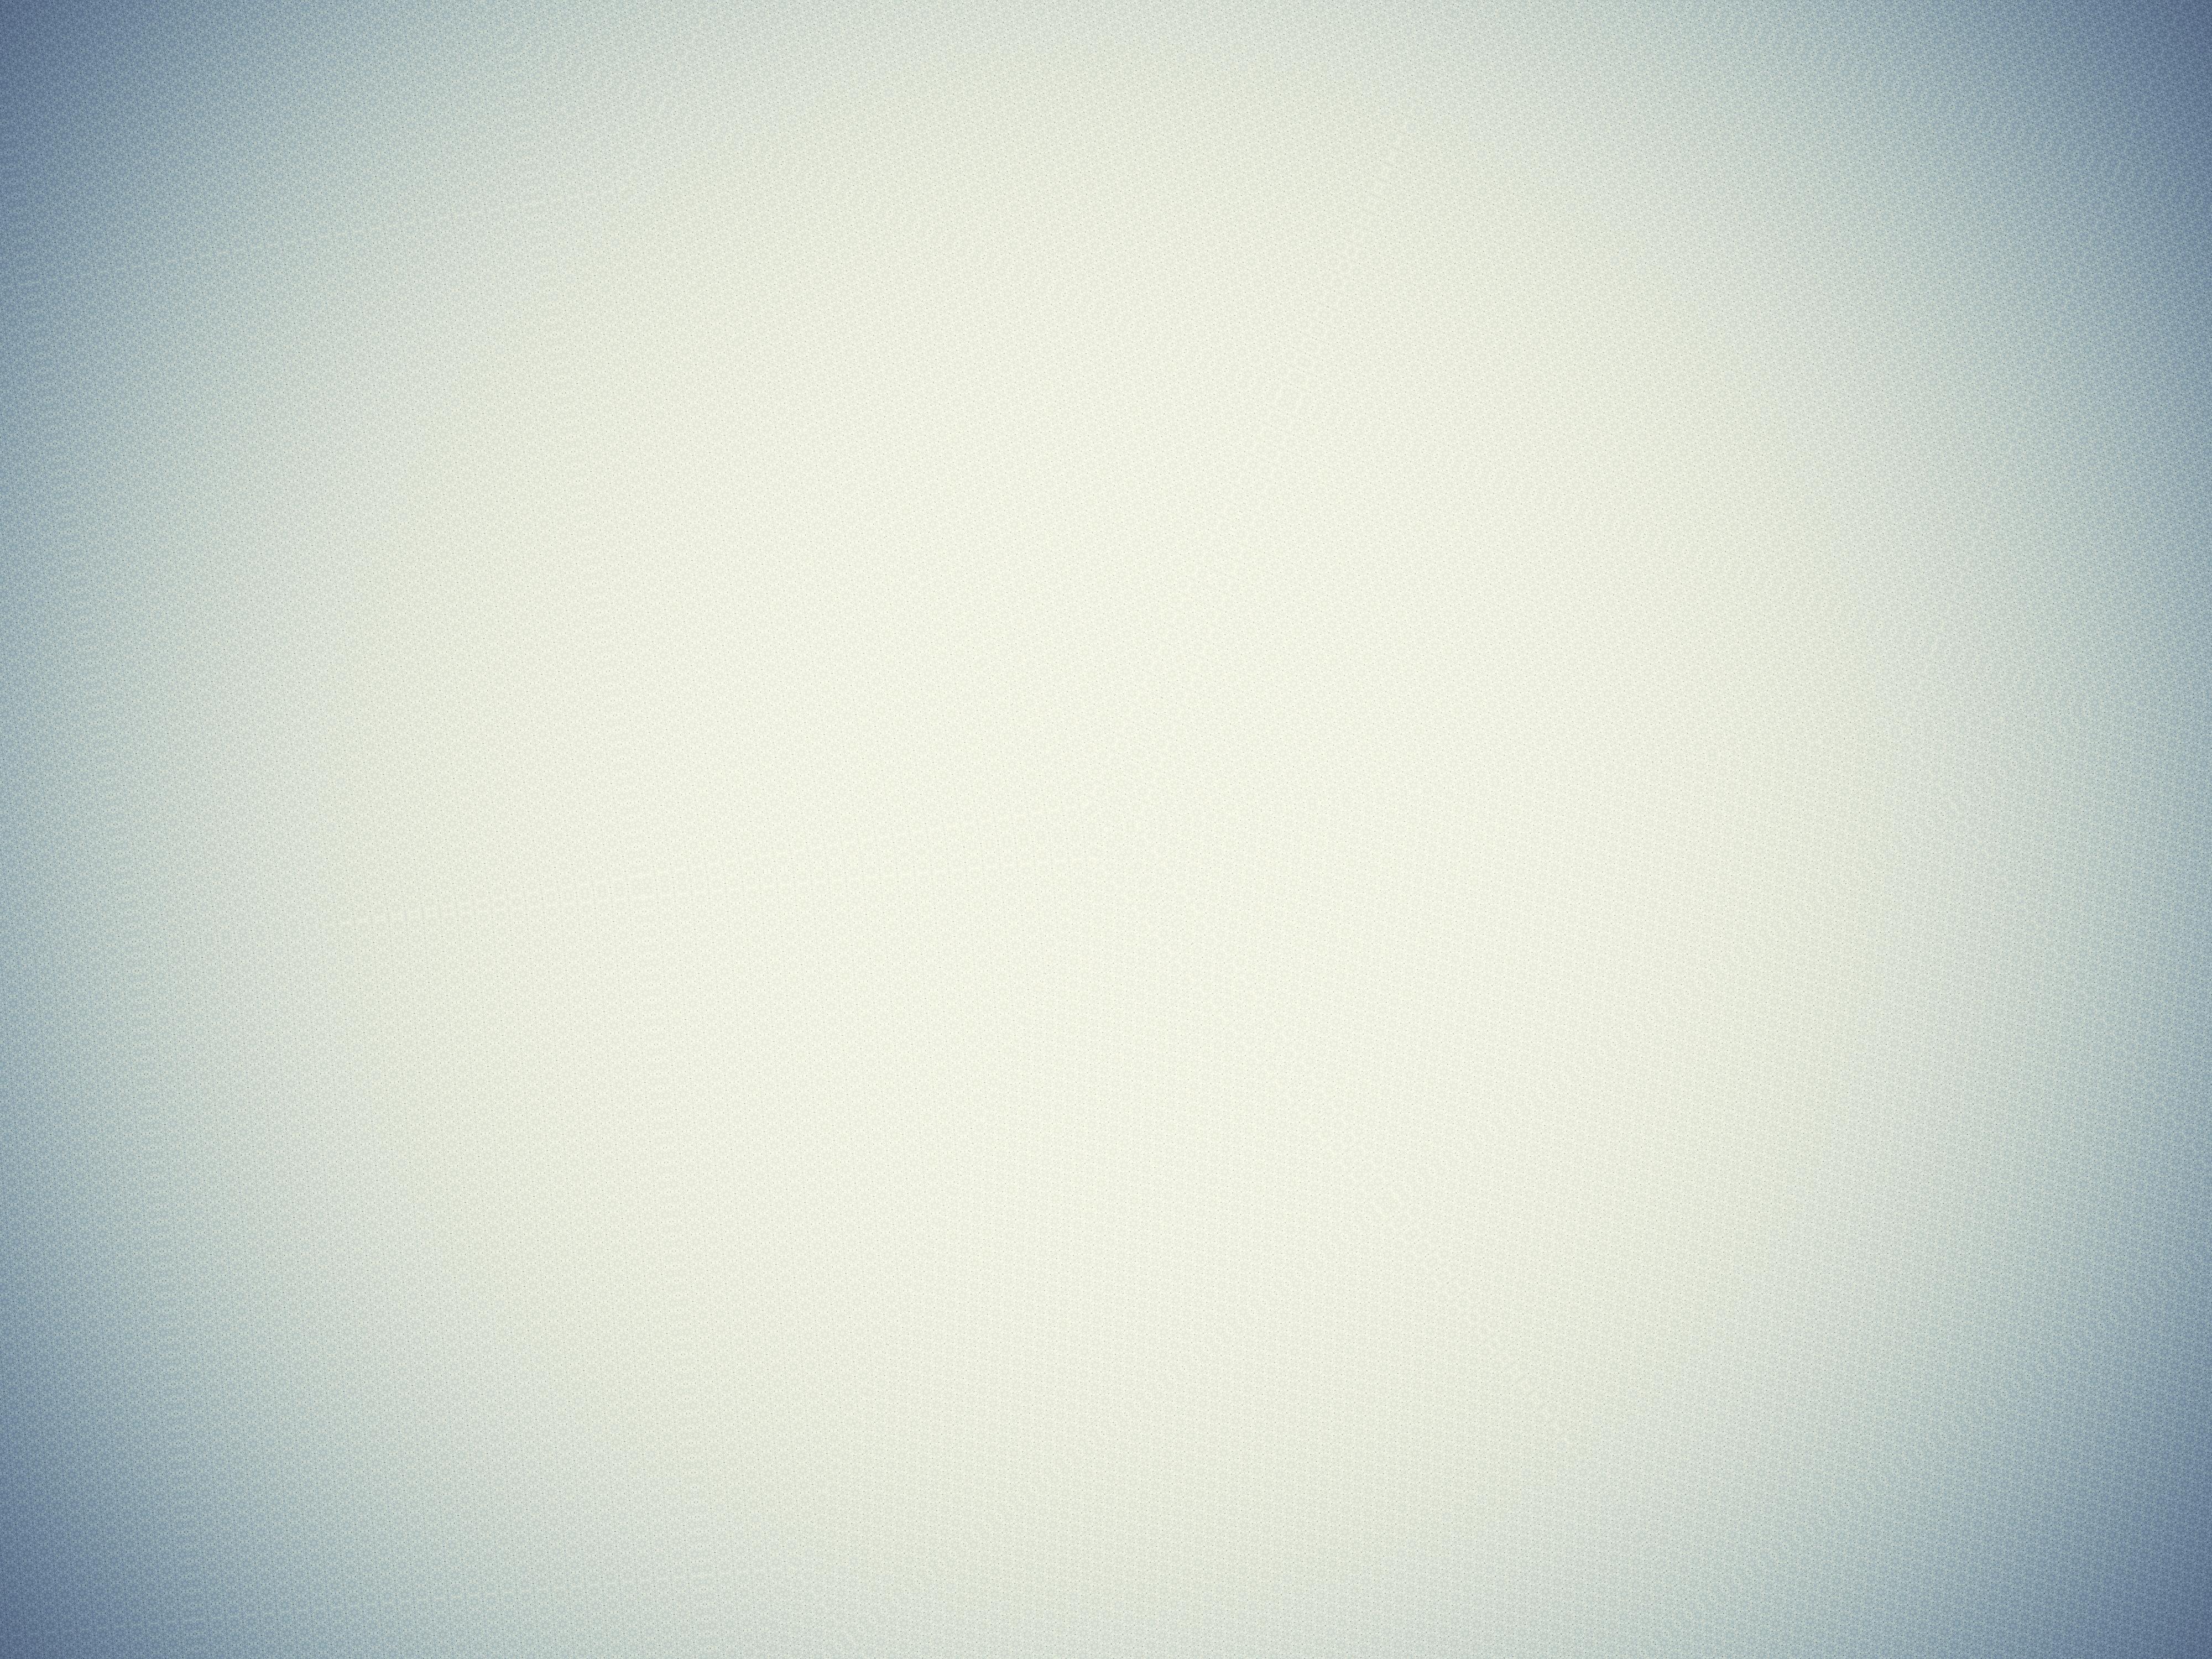 Картинки обычные белые